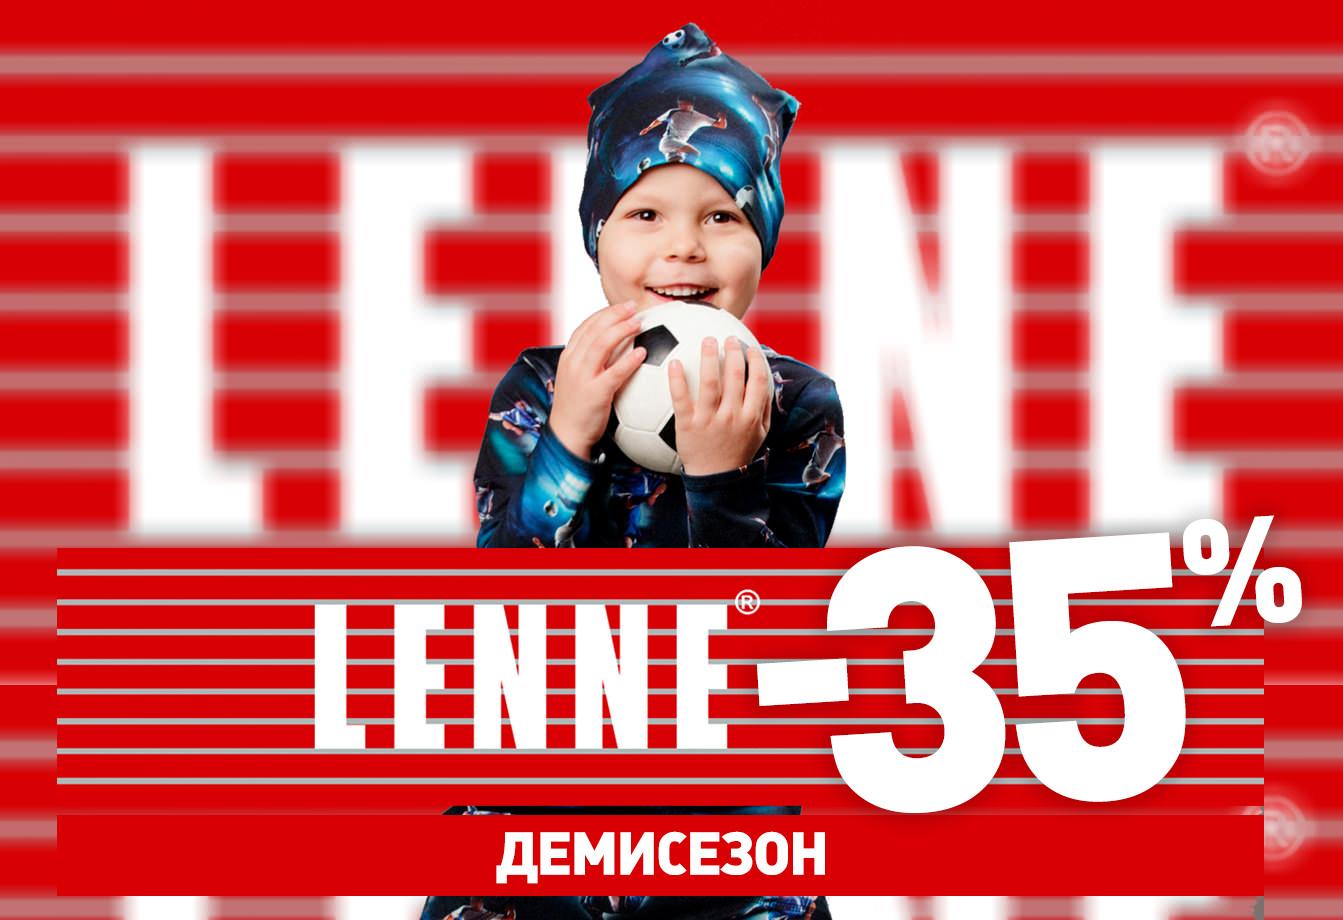 Lenne - 35%